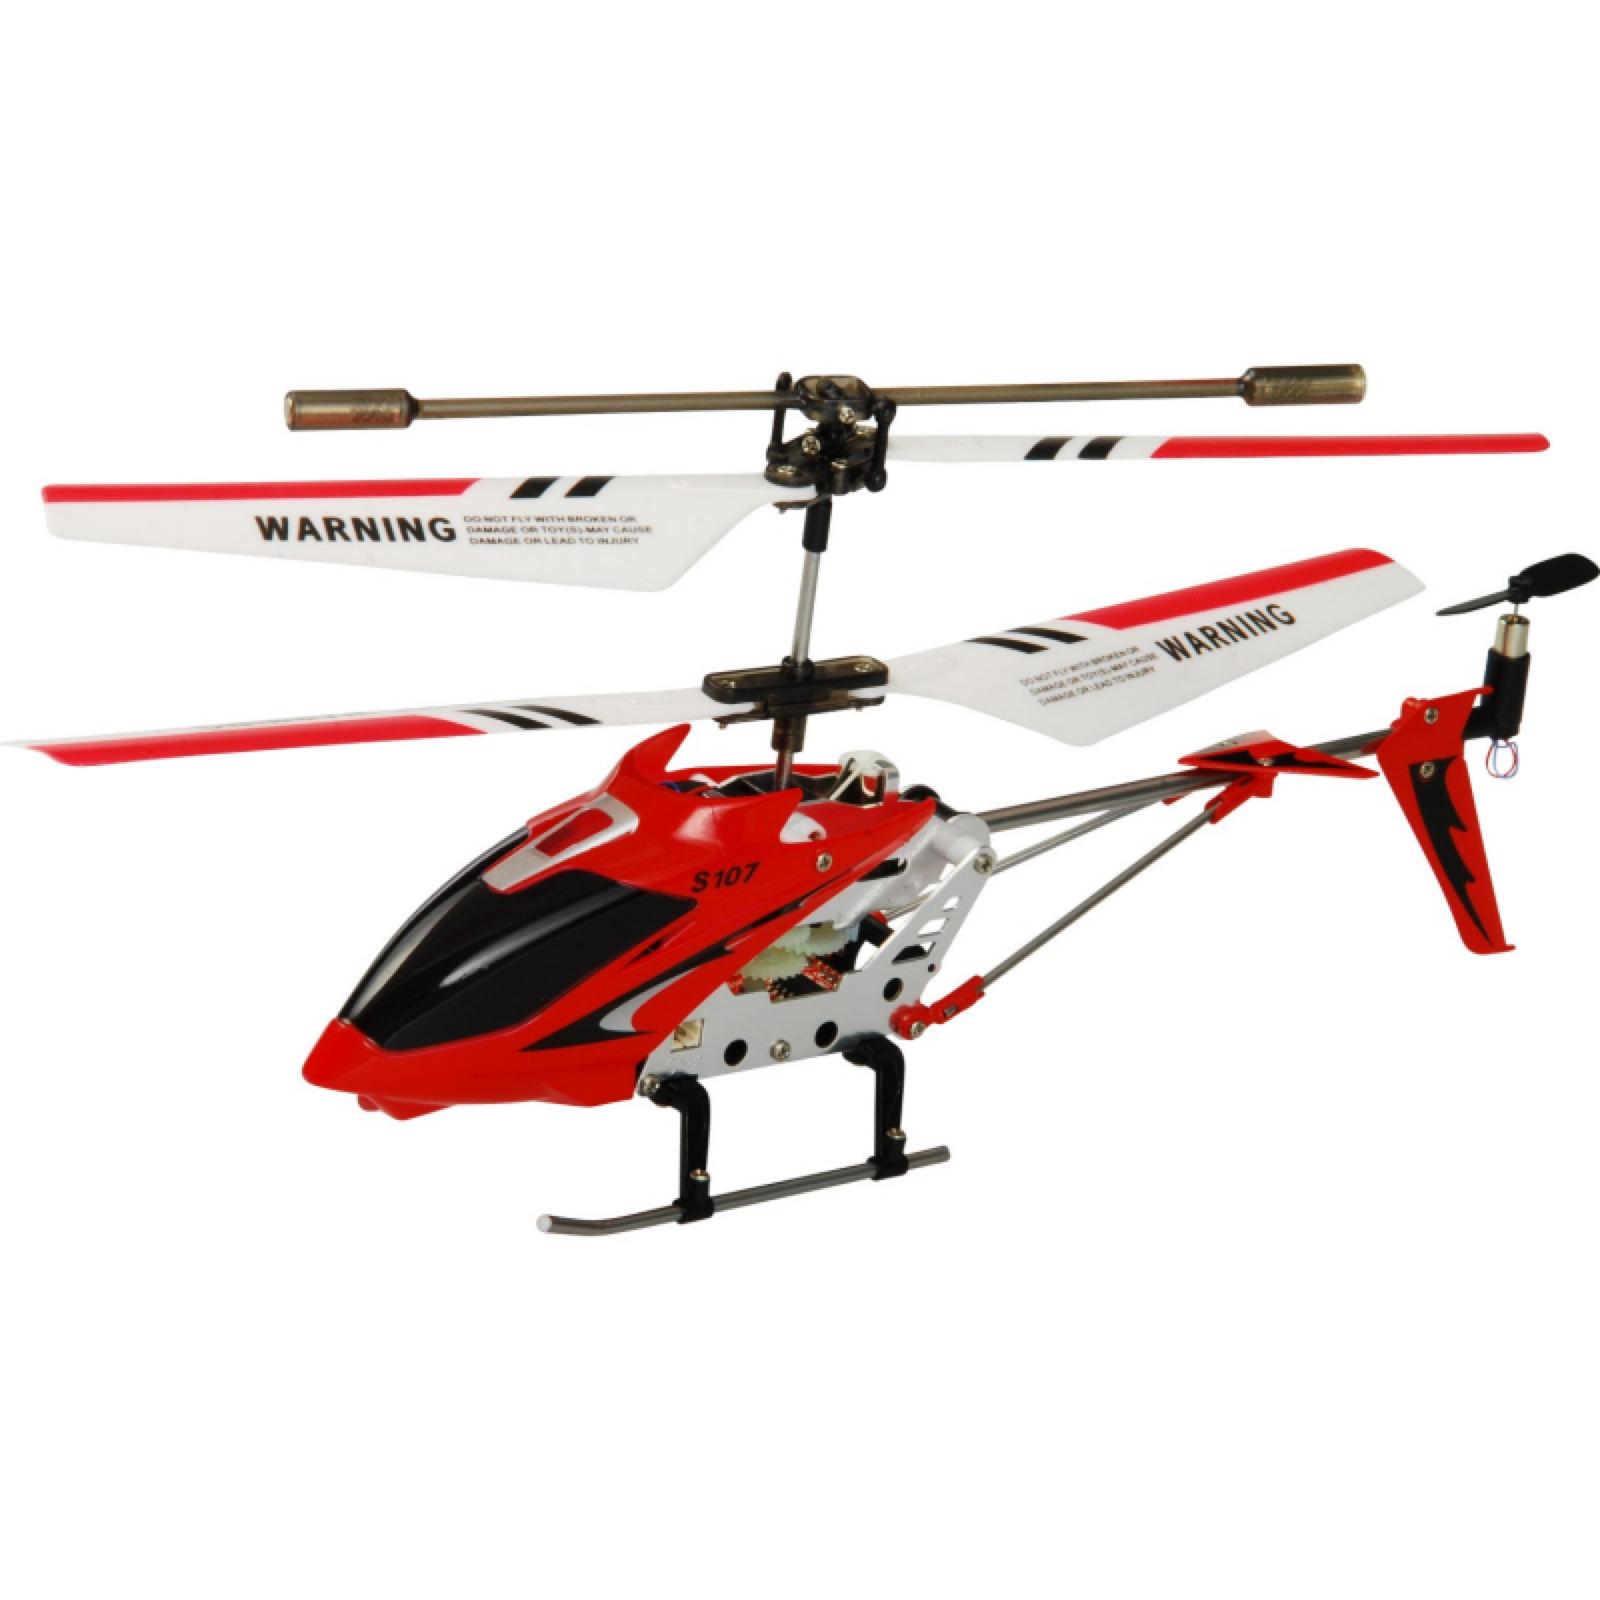 Elicottero Telecomandato Con Telecamera : Domani ultimo giorno a per elicottero radiocomandato